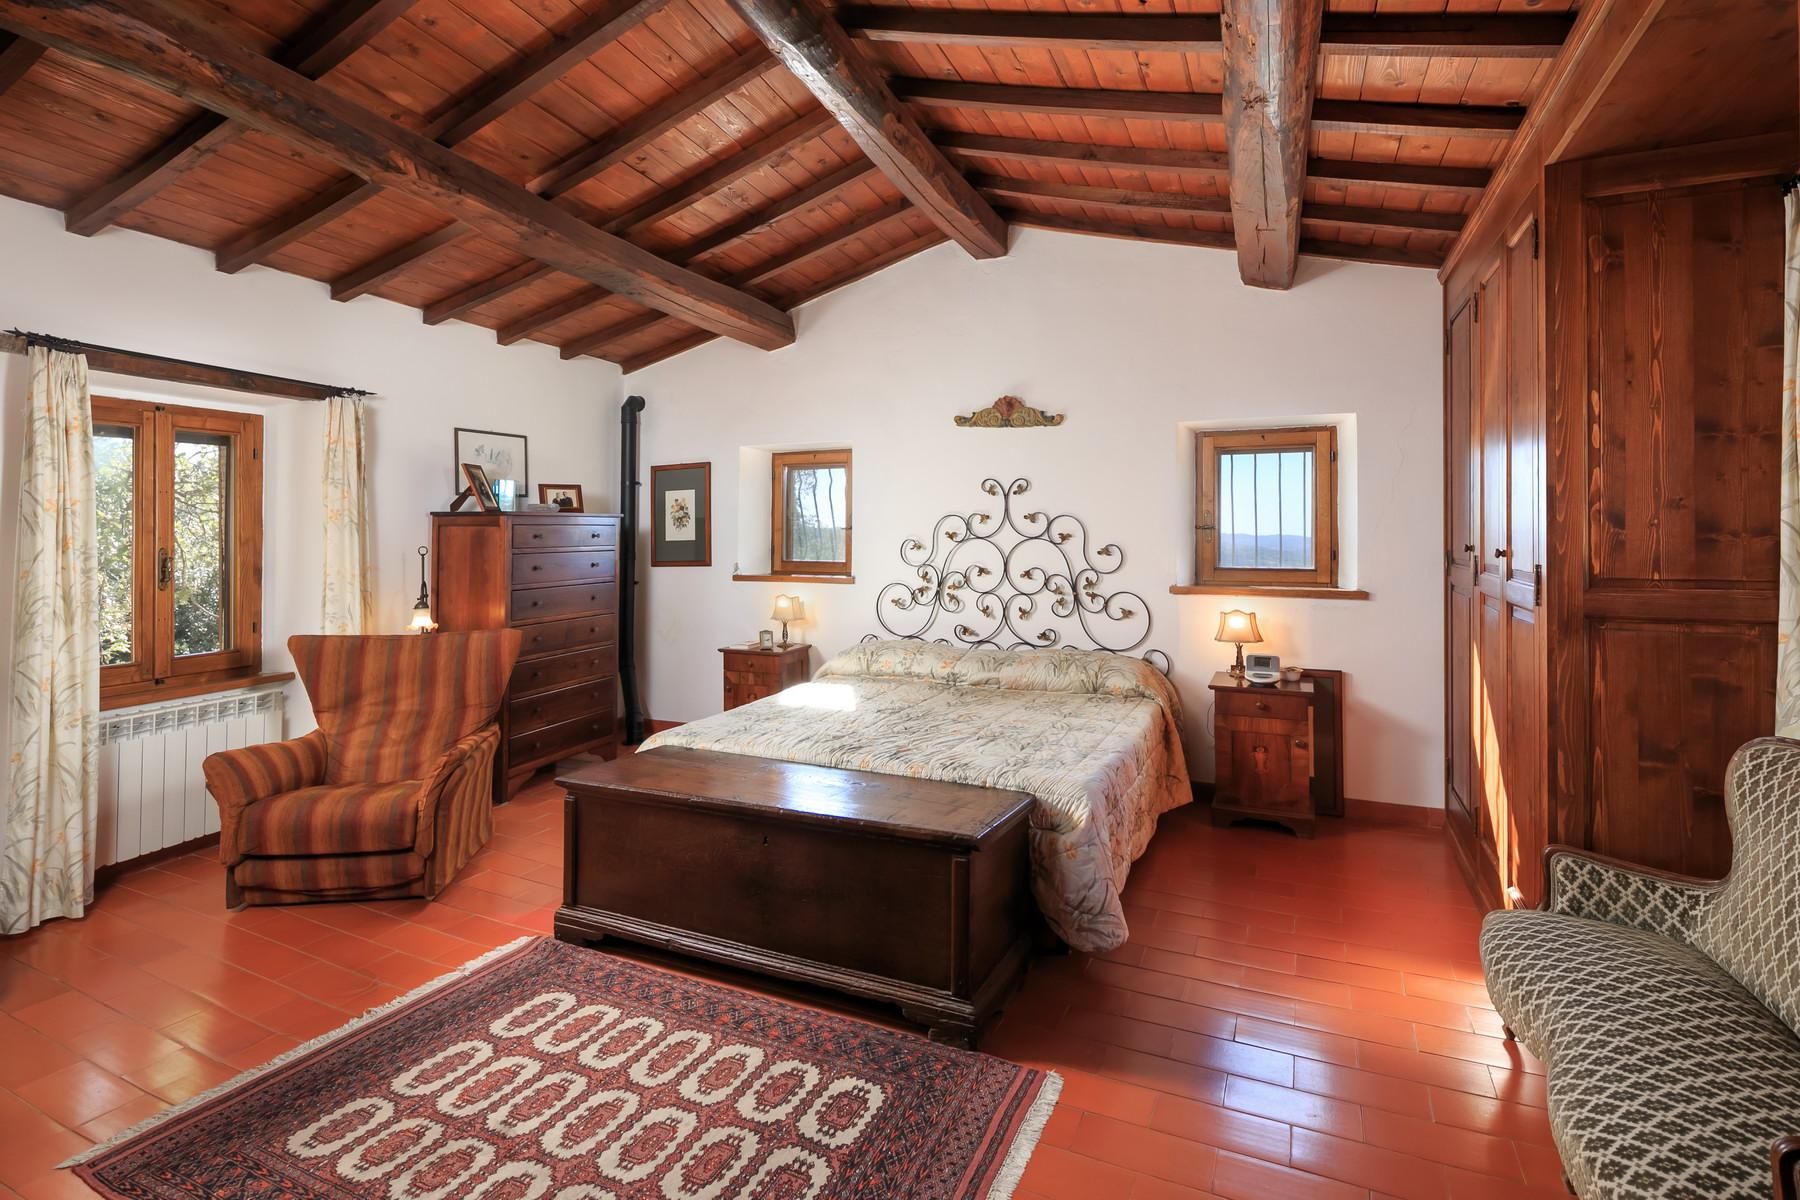 Rustico in Vendita a Manciano: 5 locali, 247 mq - Foto 20